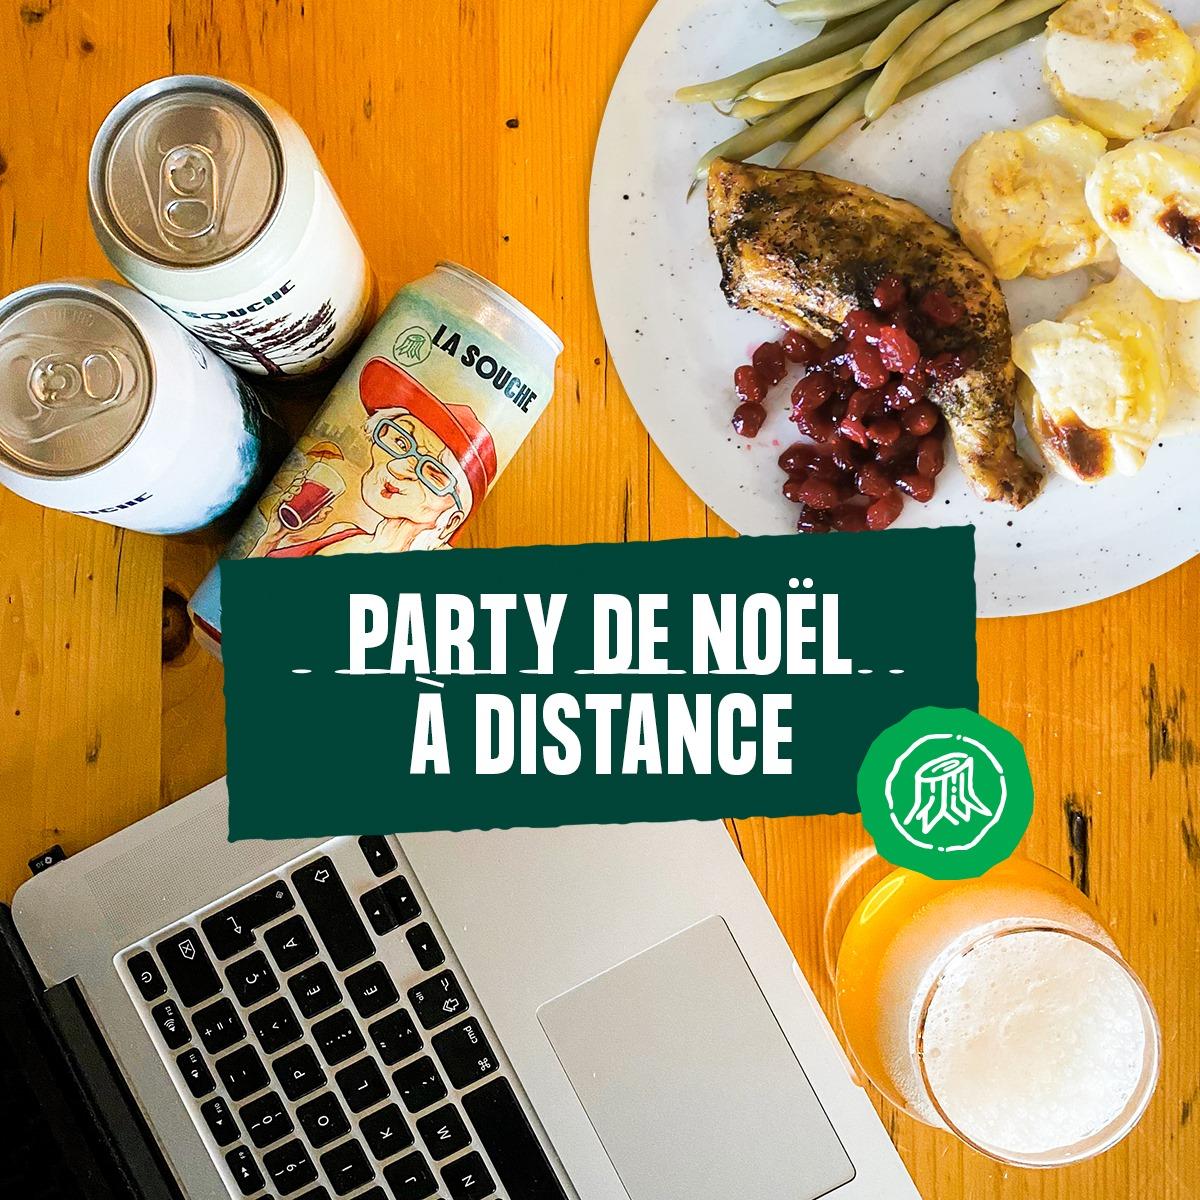 Party de Noël (avec distanciation) avec La Souche! | La Souche Microbrasserie-Restaurant